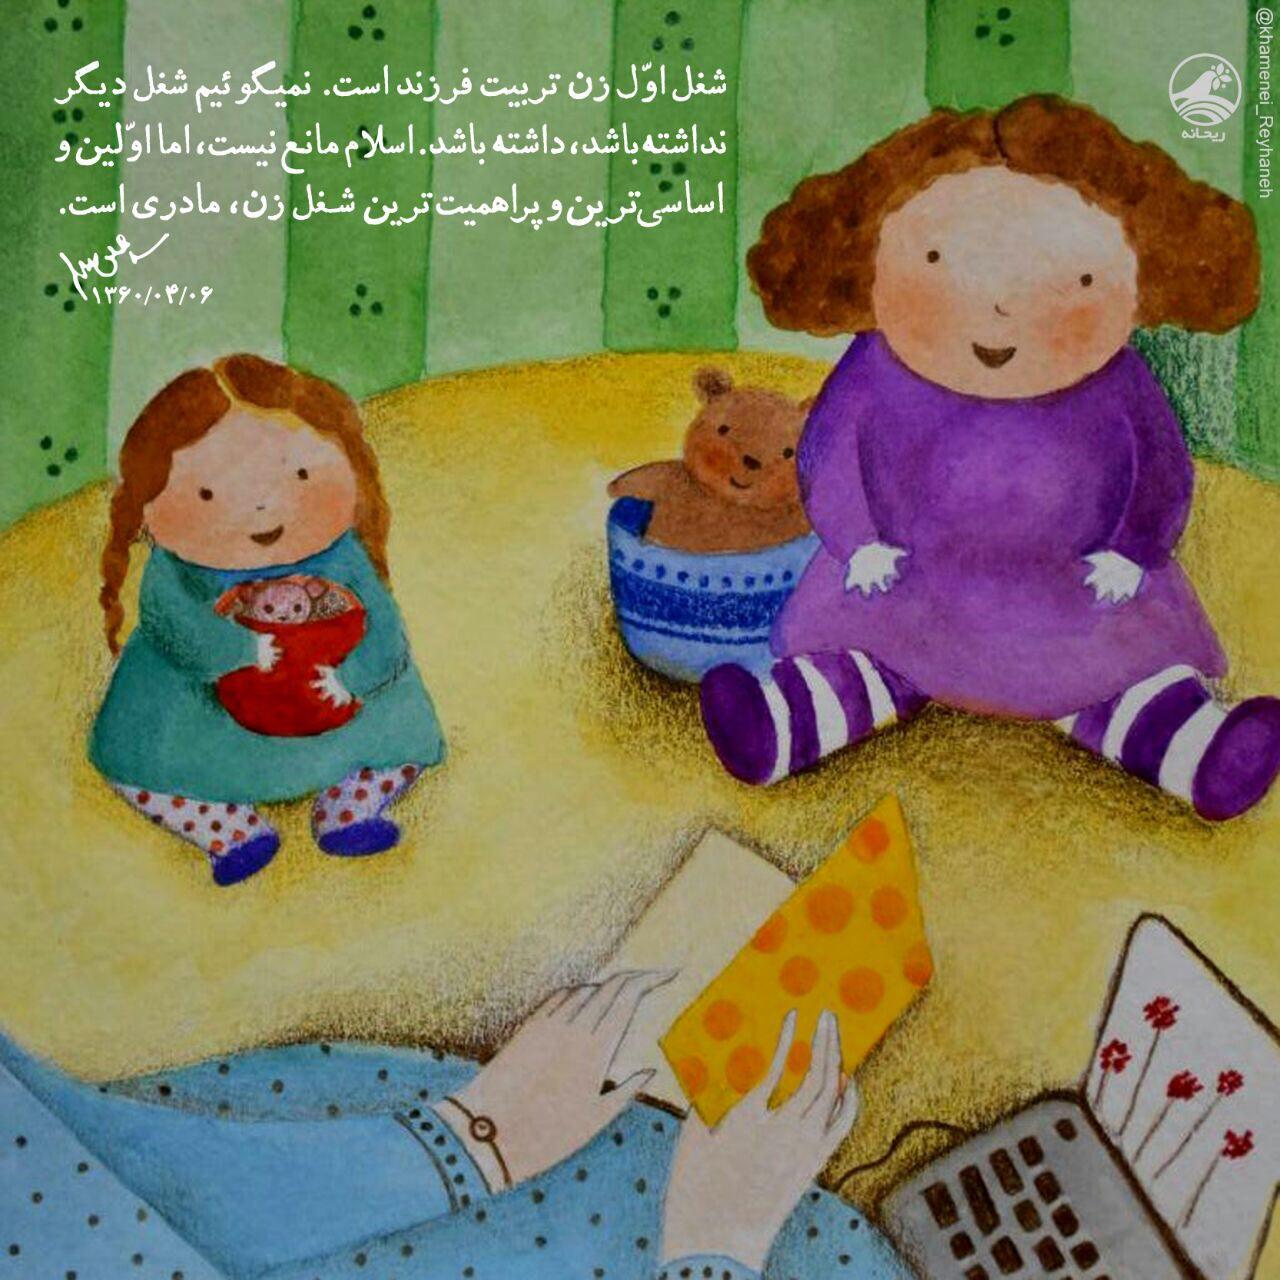 شغل اوّل زن تربیت فرزند است.jpg (1280×1280)